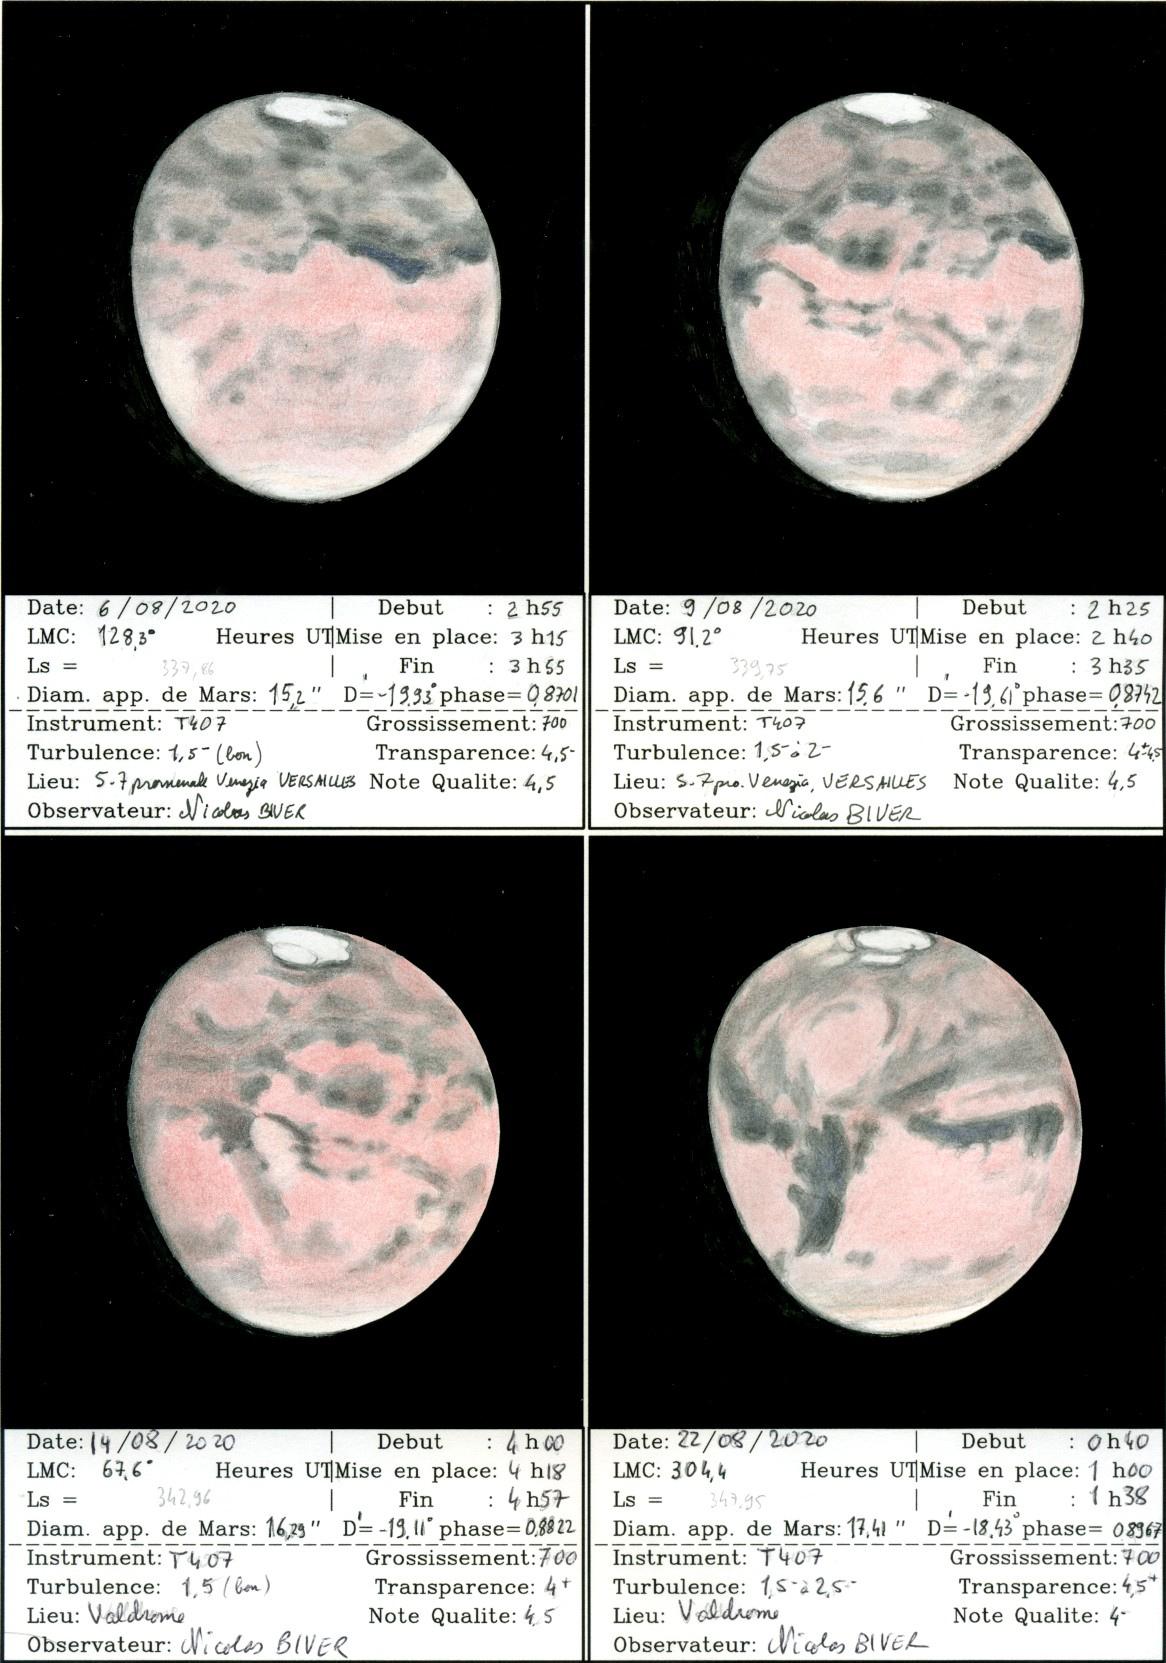 mars0608-220820.jpg